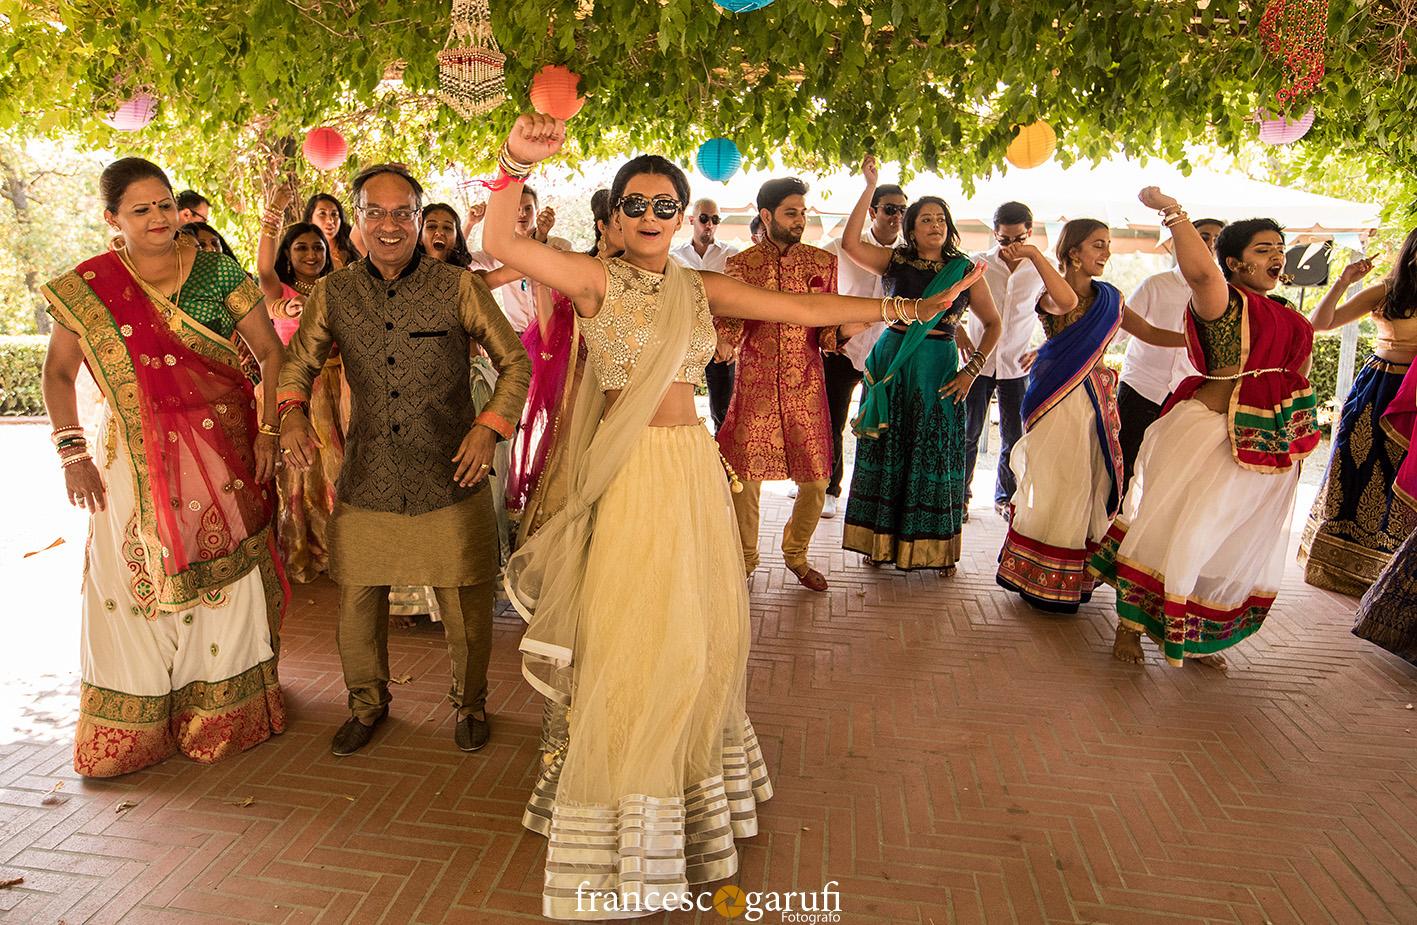 danze indiane di una cerimonia hindu in Toscana.